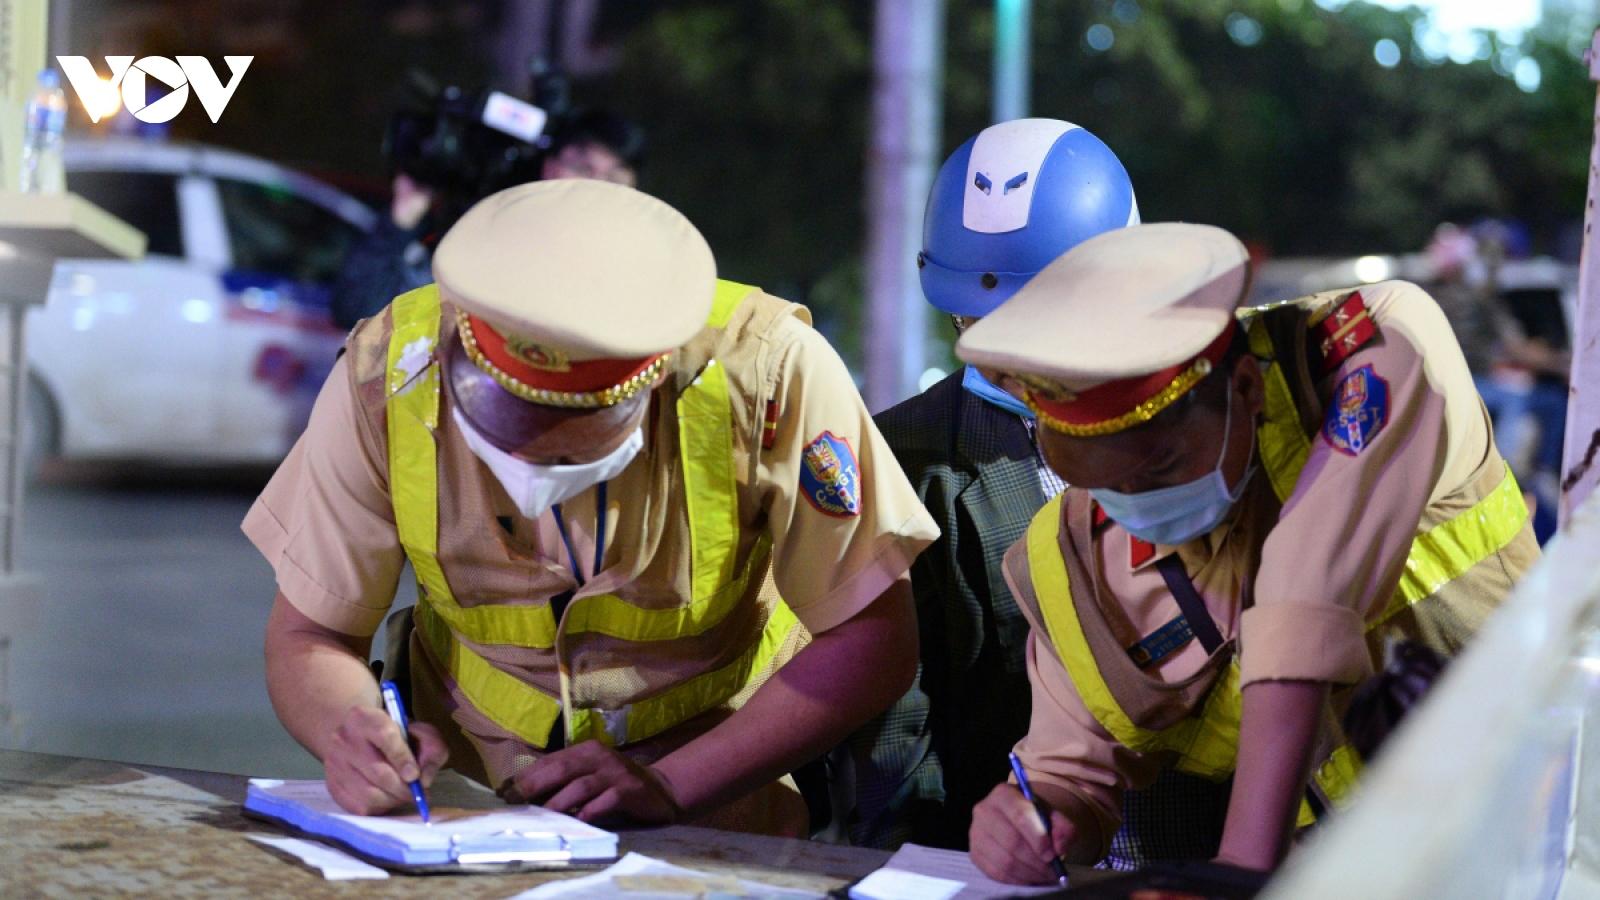 Gần 9.000 trường hợpvi phạm giao thông trong 1 ngày, tước 915 GPLX